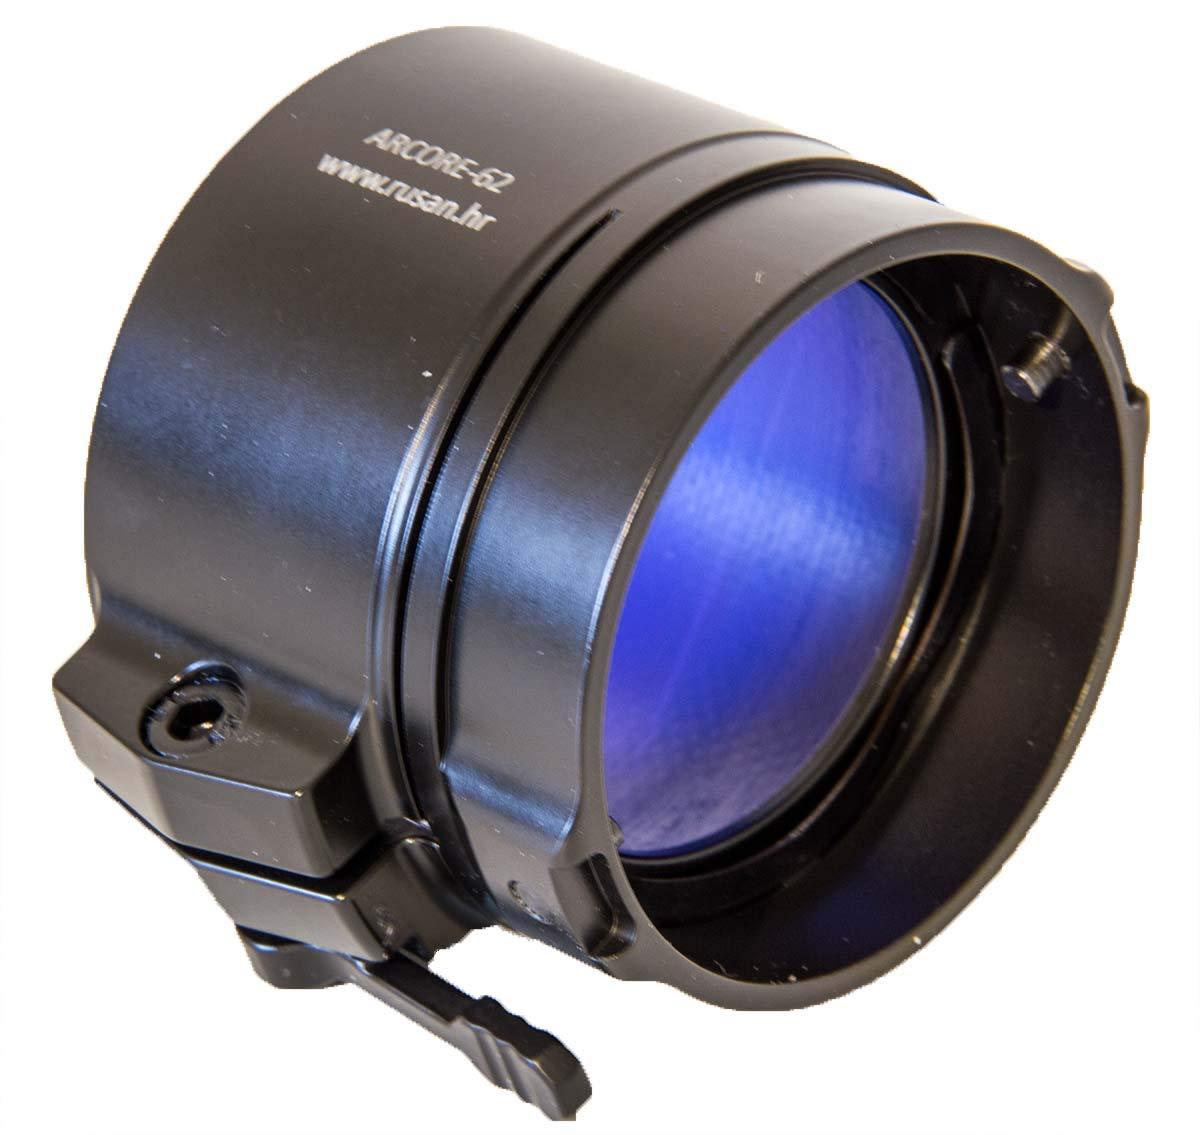 Rusan Adapter für Pulsar Vorsatz Wärmebildgeräte und Nachtsichtgeräte, einfache Montage auf Ferngläser, Spektive und mehr